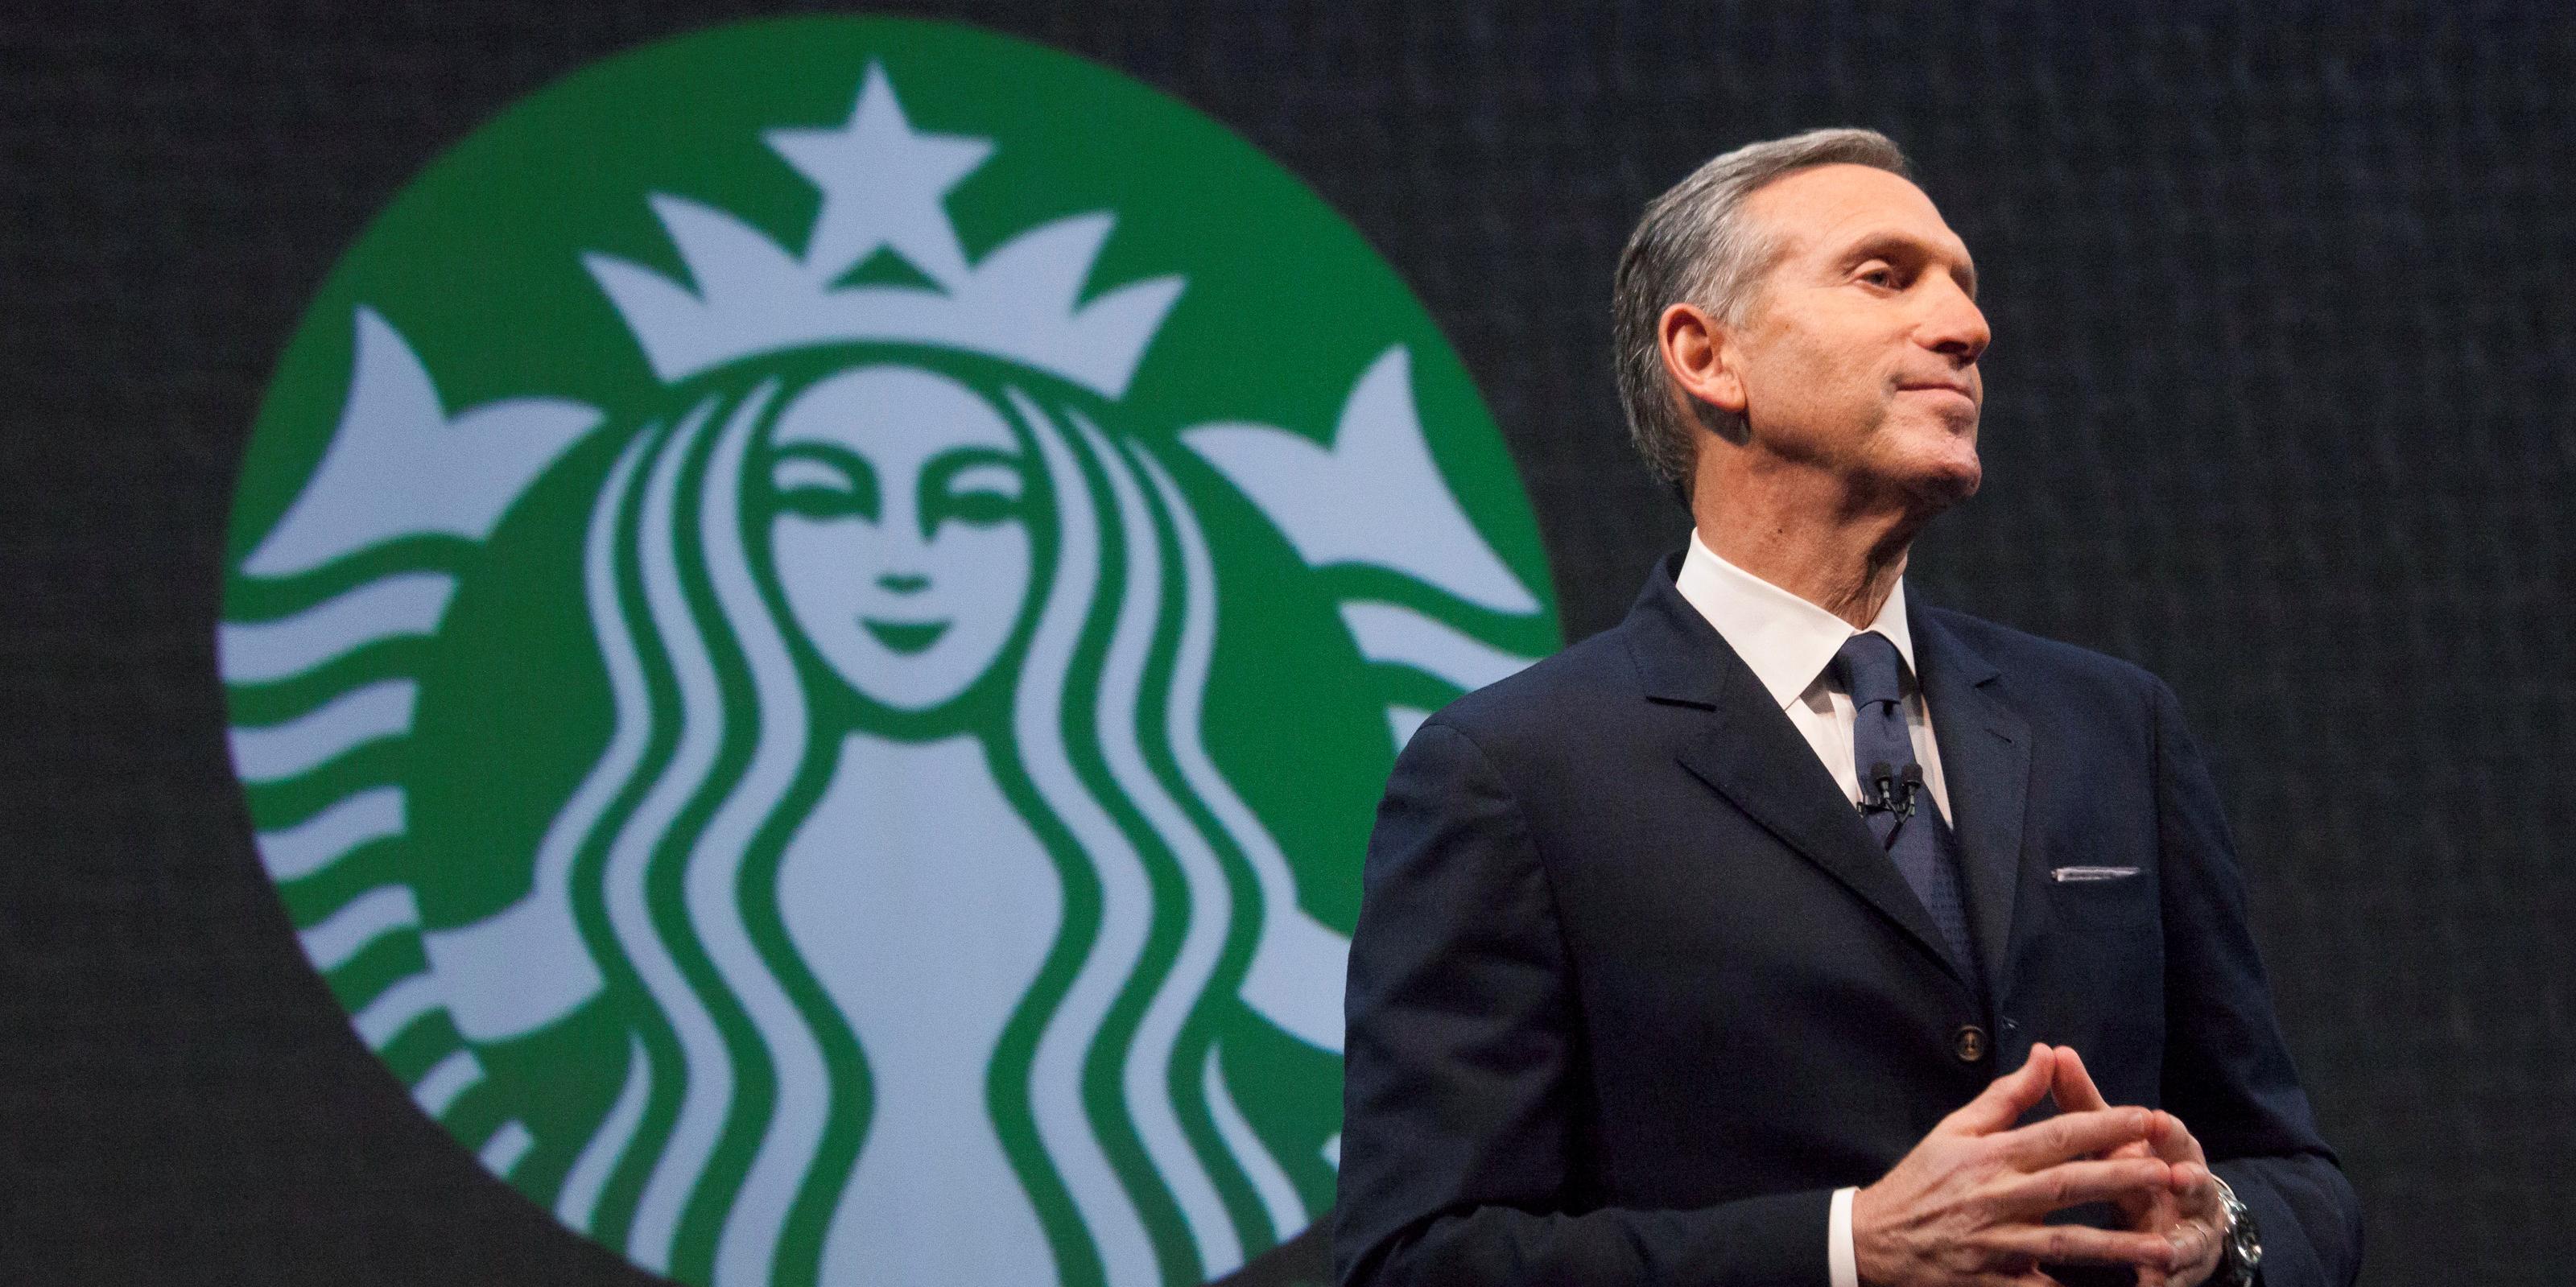 Démission surprise du PDG de Starbucks